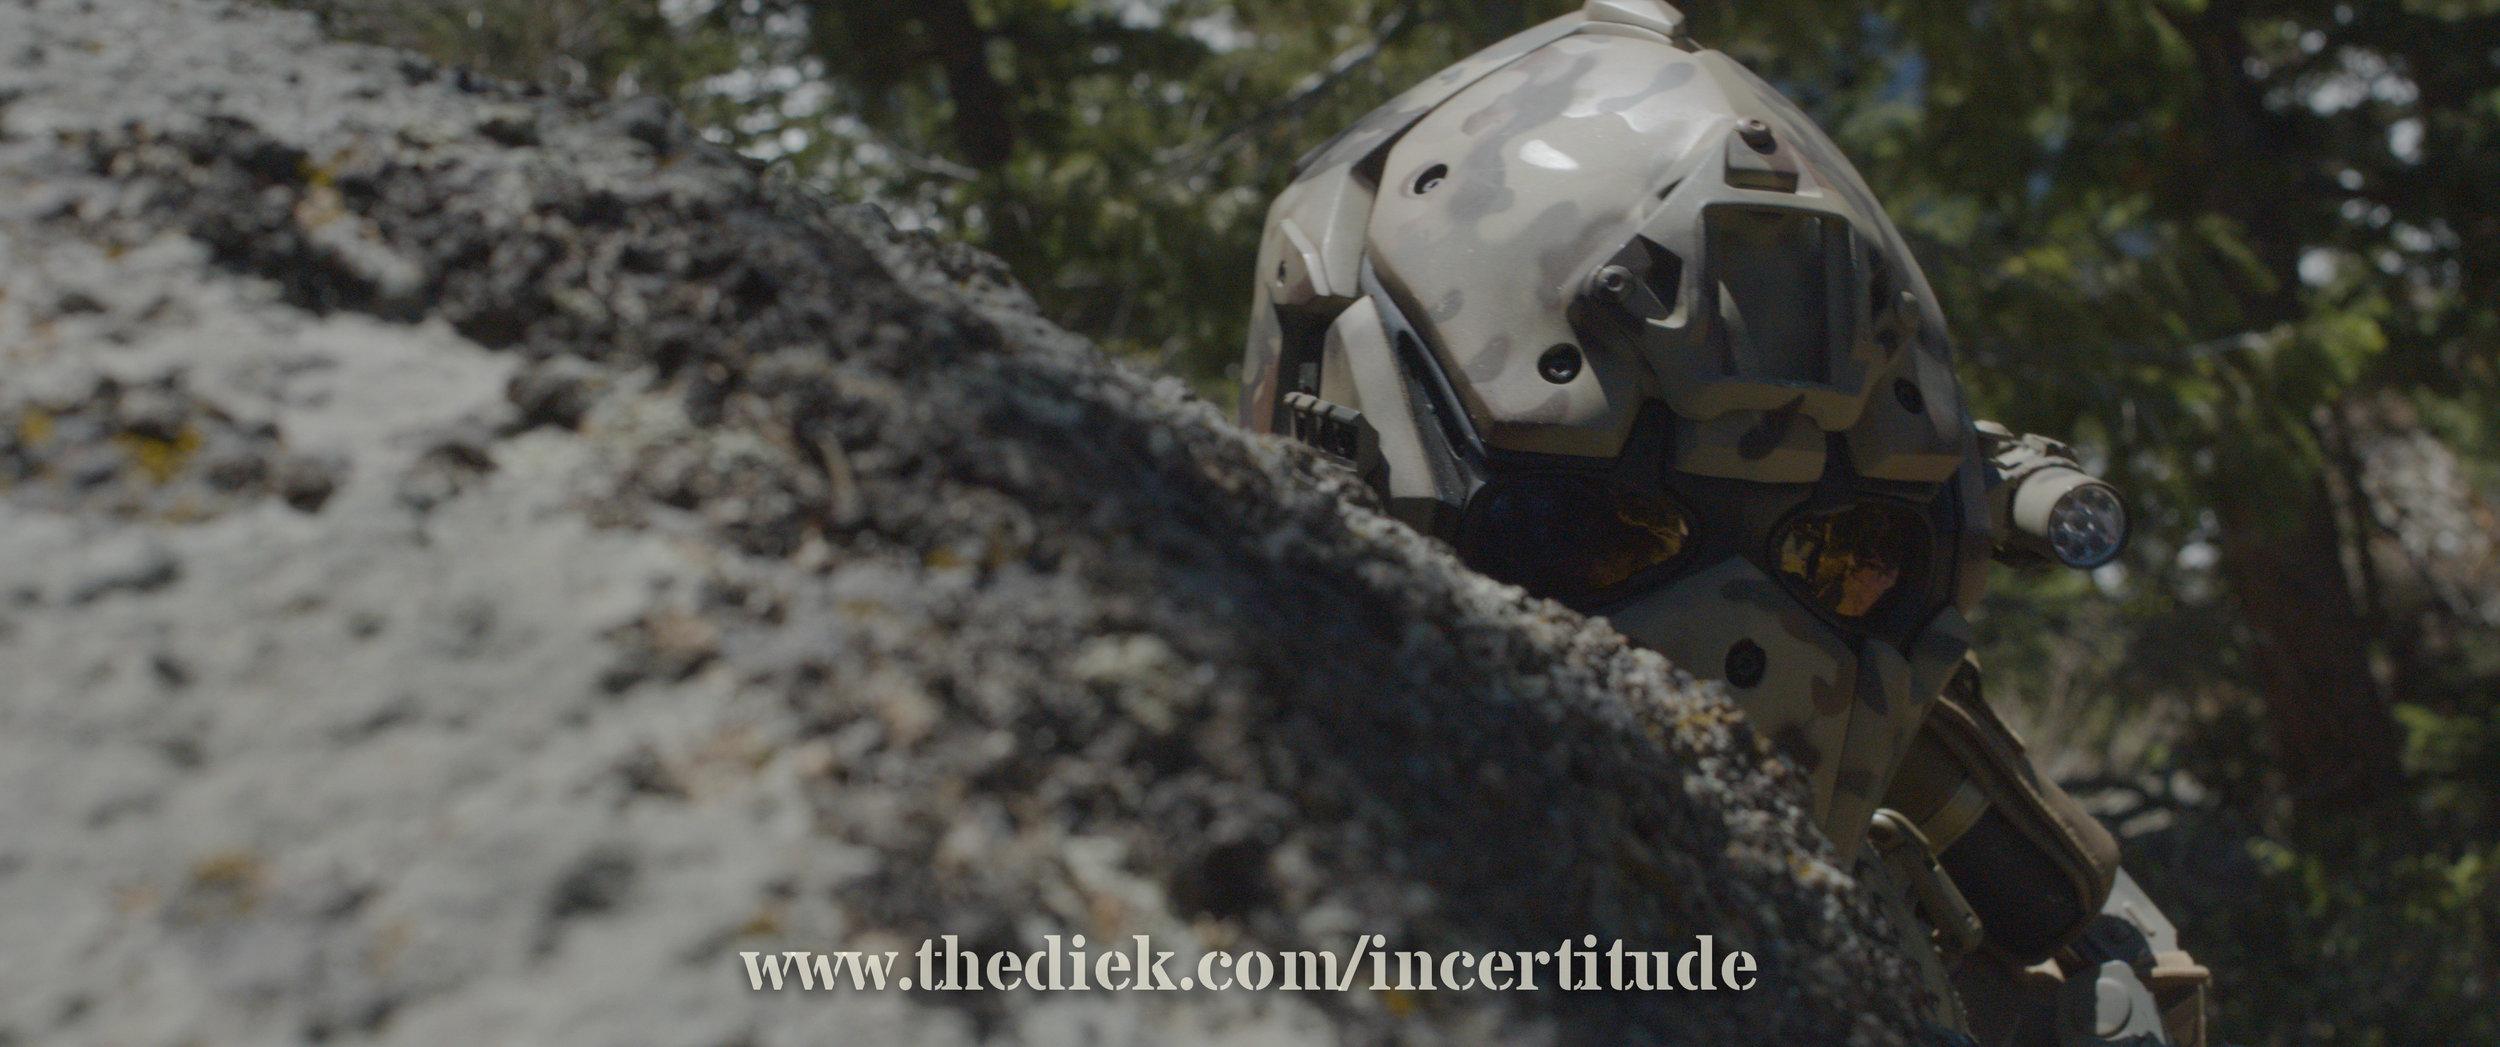 helmet rock peek still.jpg